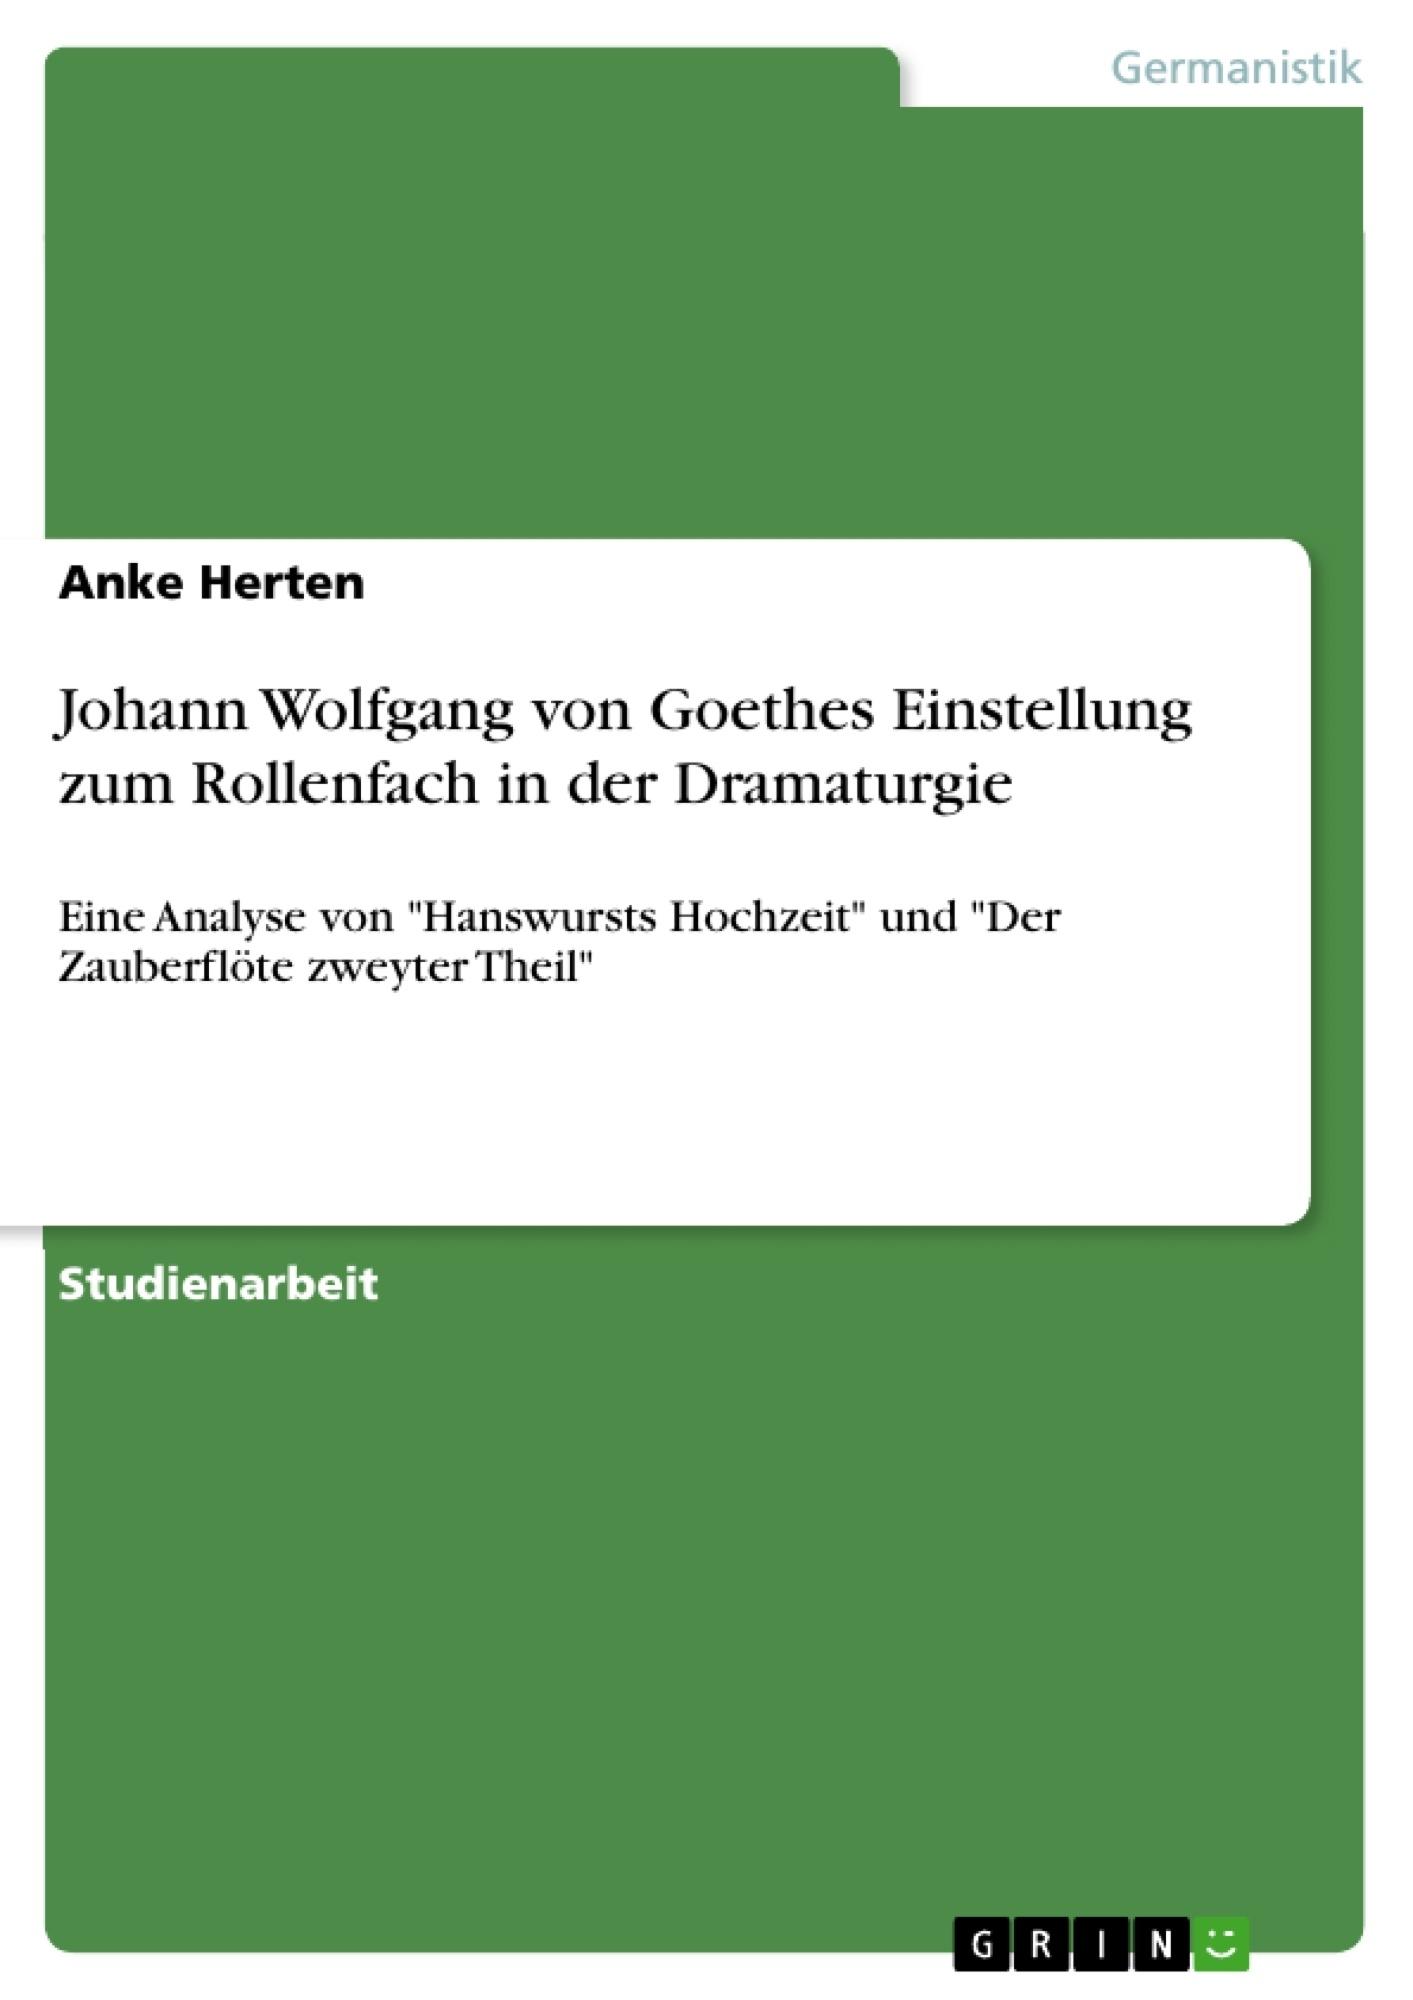 Titel: Johann Wolfgang von Goethes Einstellung zum Rollenfach in der Dramaturgie